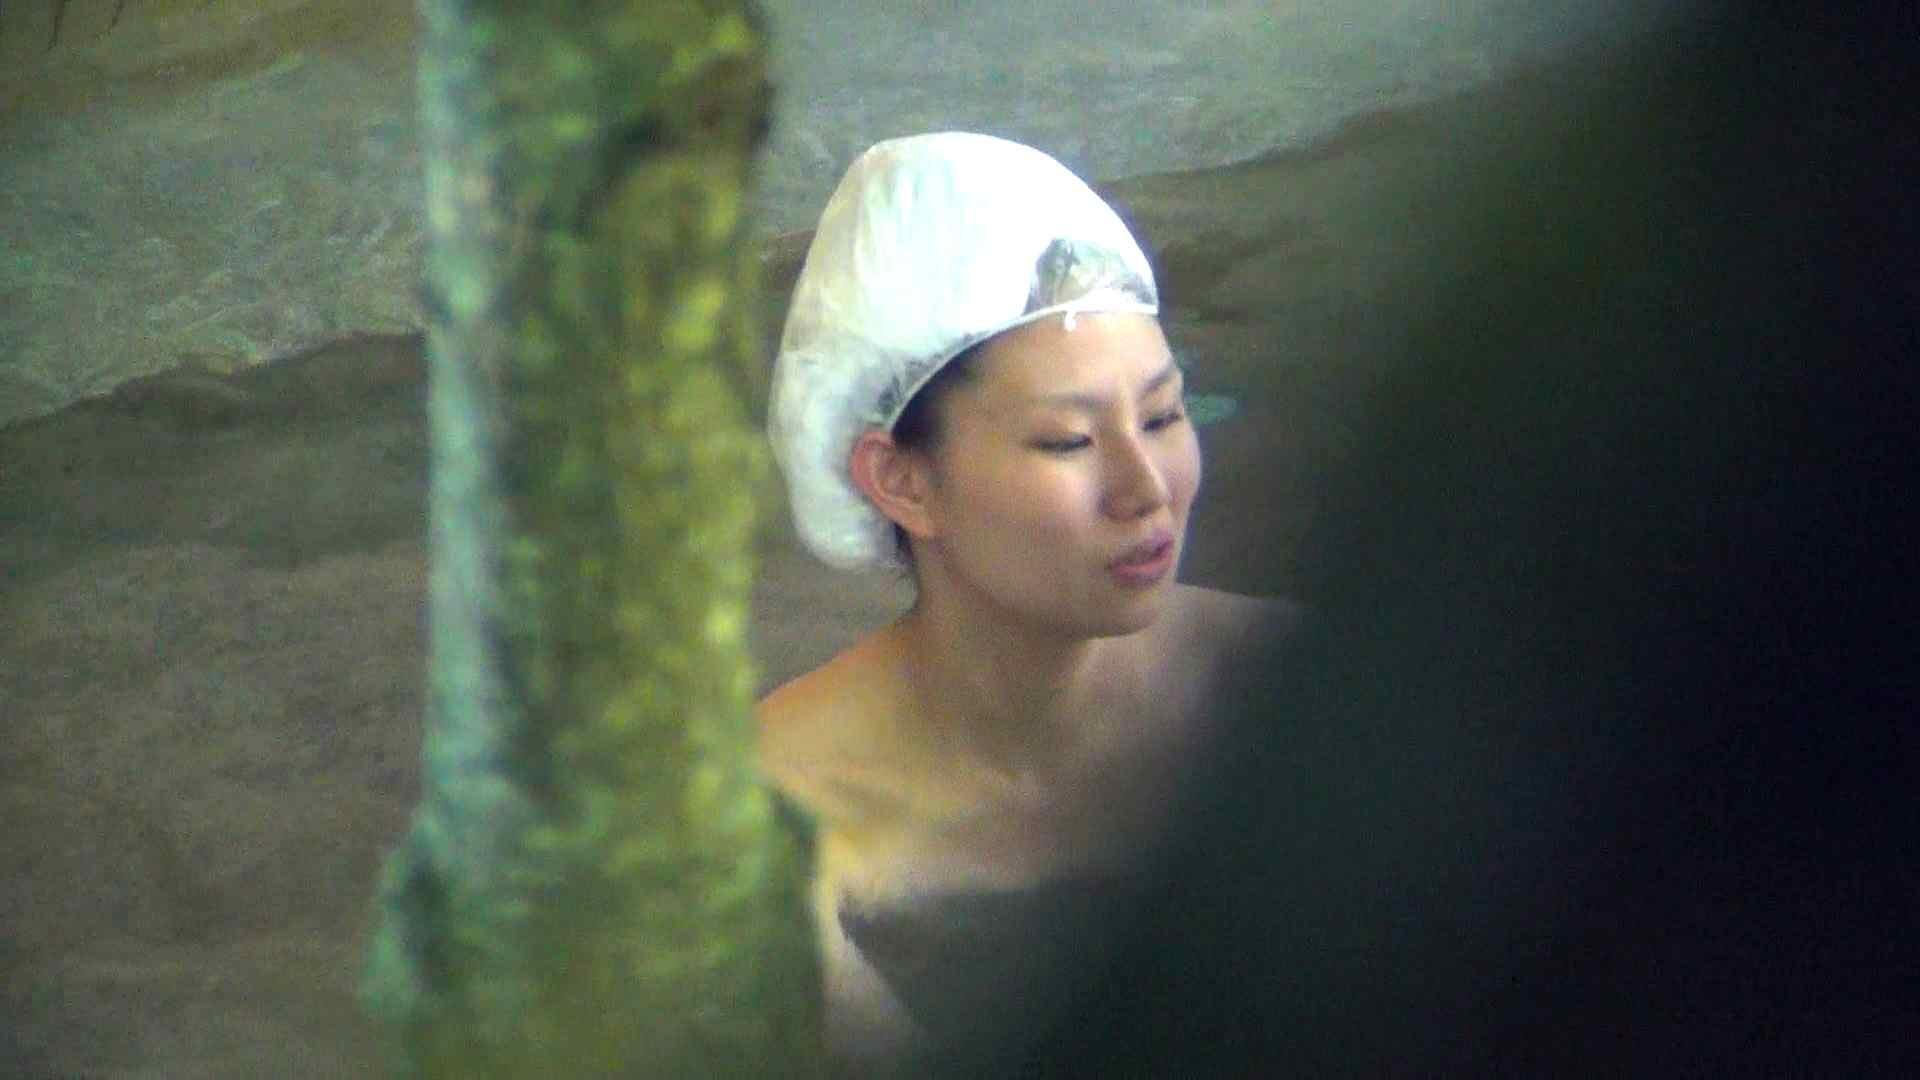 Aquaな露天風呂Vol.273 盗撮 | 露天風呂  105連発 40